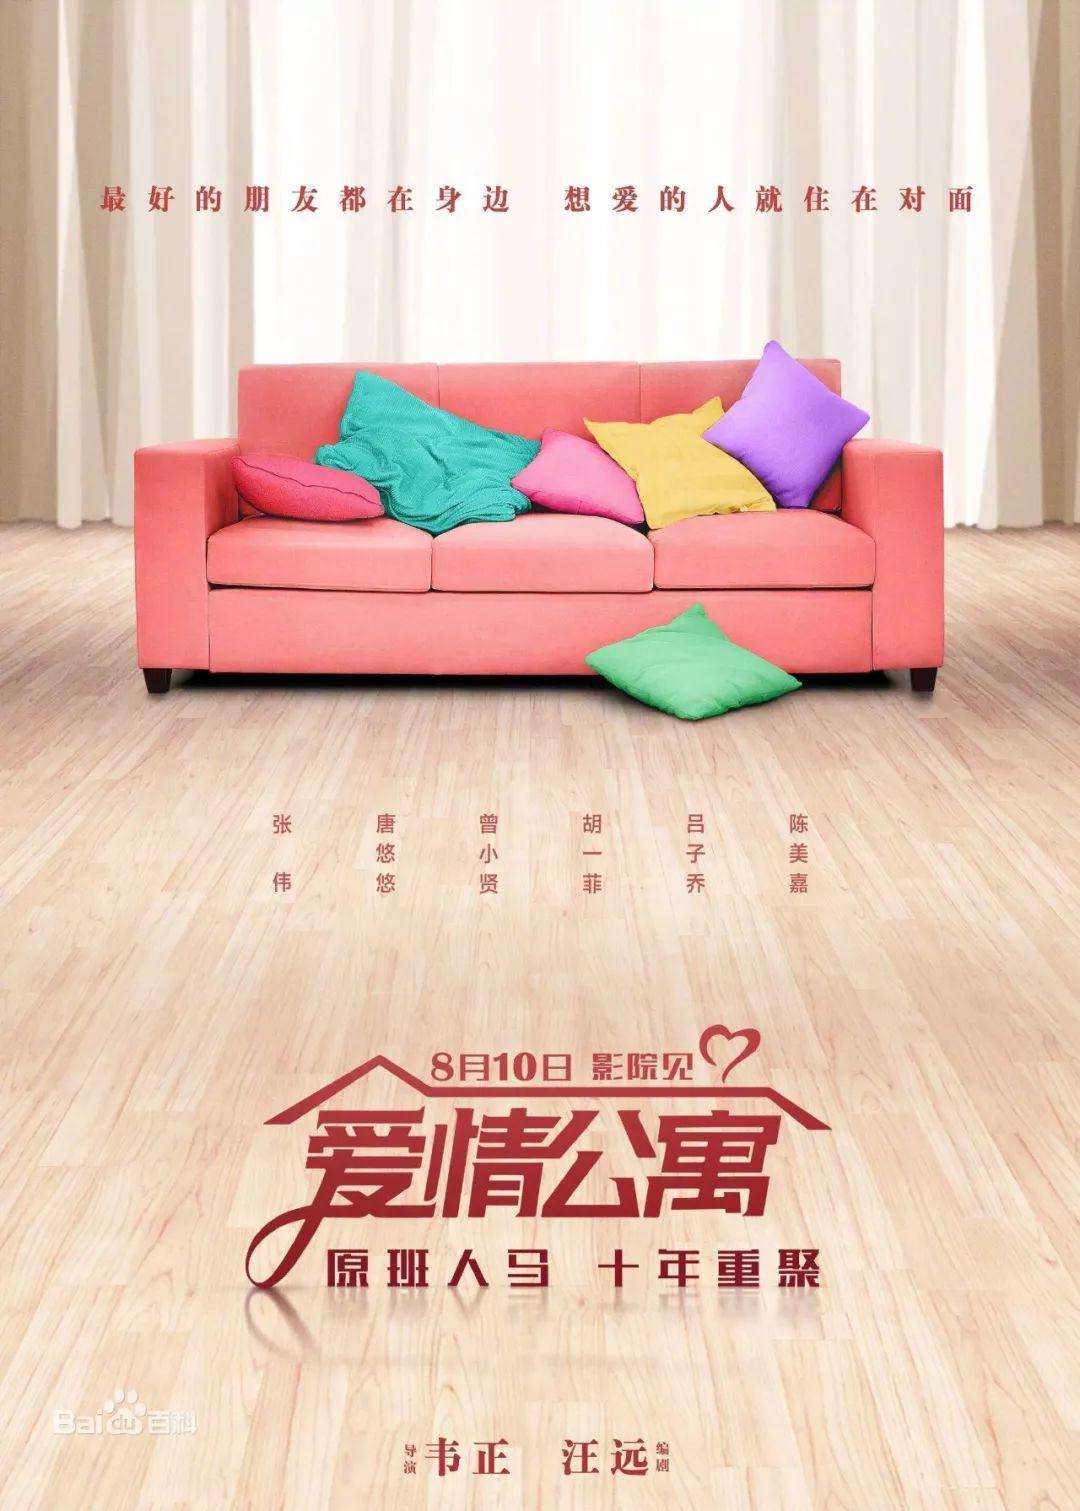 电影《爱情公寓》上映前日被起诉侵权